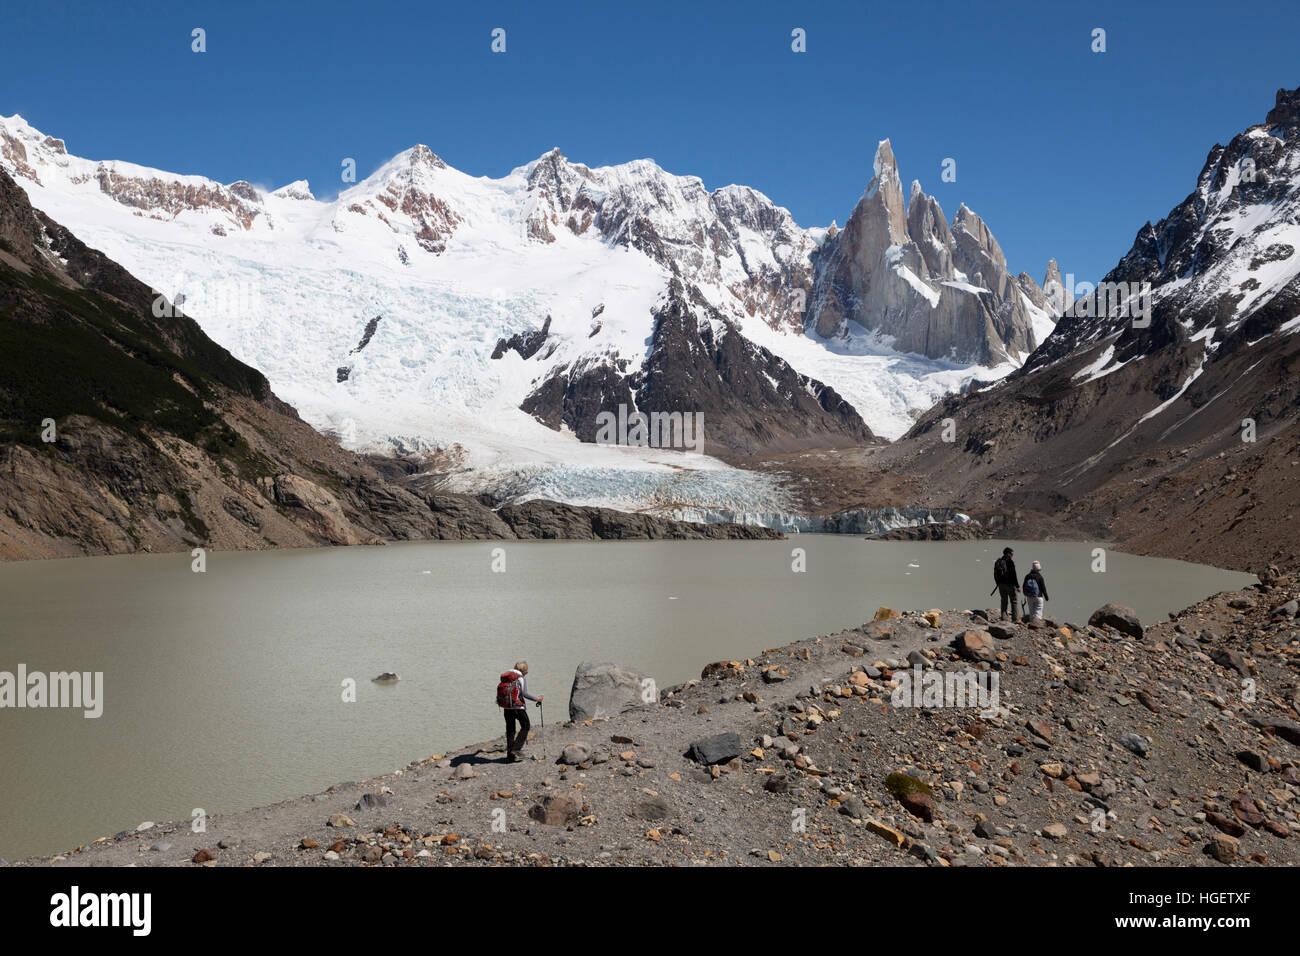 Wanderer zu Fuß von Laguna Torre mit Blick auf den Cerro Torre, El Chalten, Patagonien, Argentinien, Südamerika Stockbild